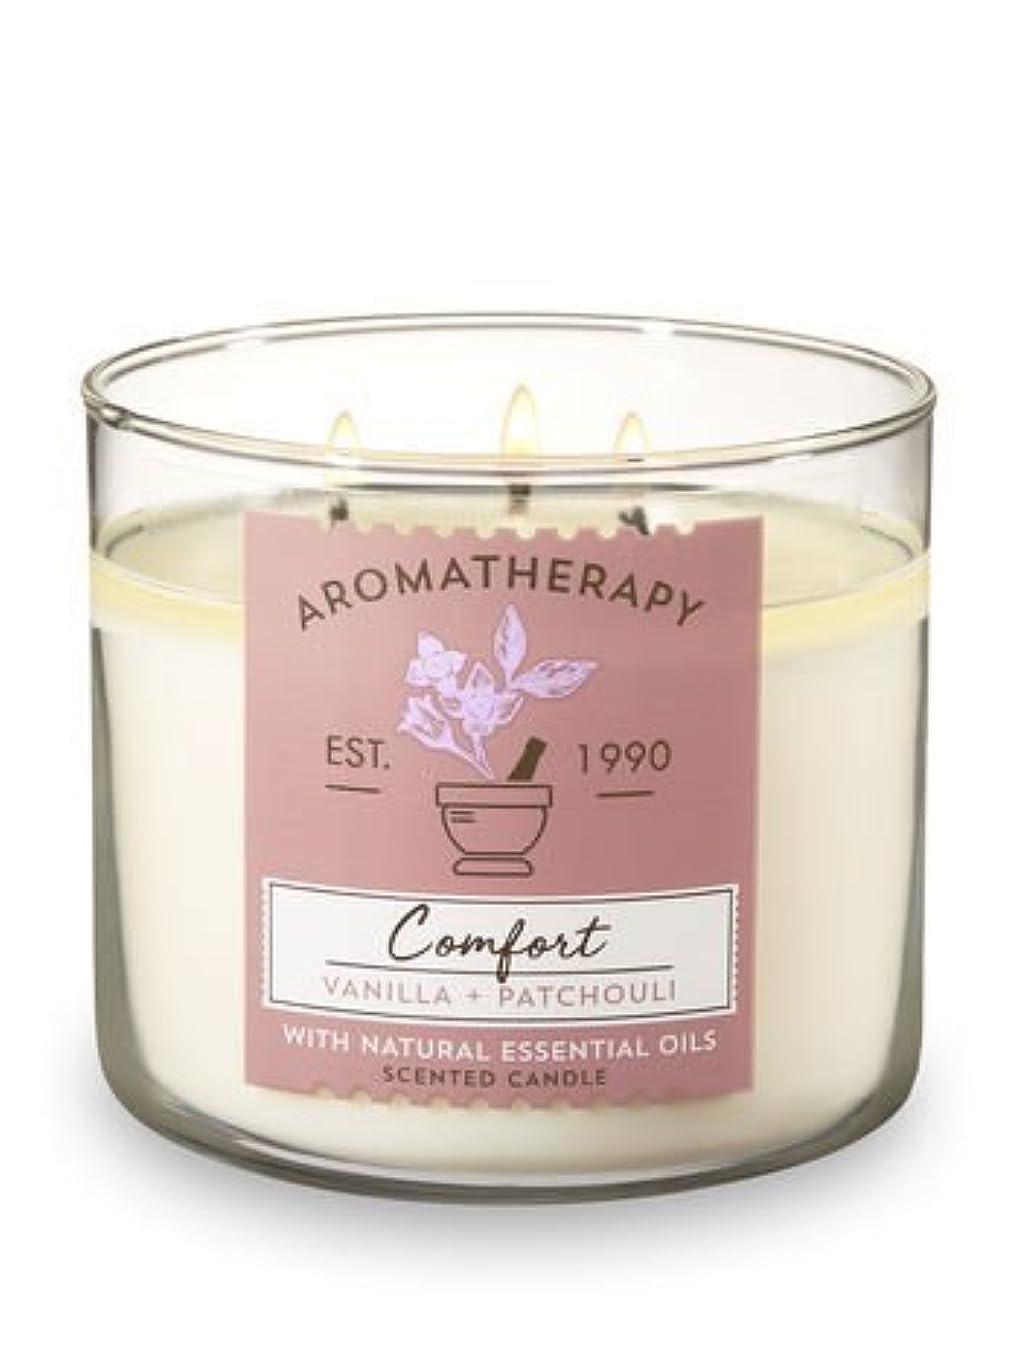 計算する筋肉のワット【Bath&Body Works/バス&ボディワークス】 アロマキャンドル アロマセラピー コンフォート バニラパチョリ Aromatherapy 3-Wick Scented Candle Comfort Vanill...